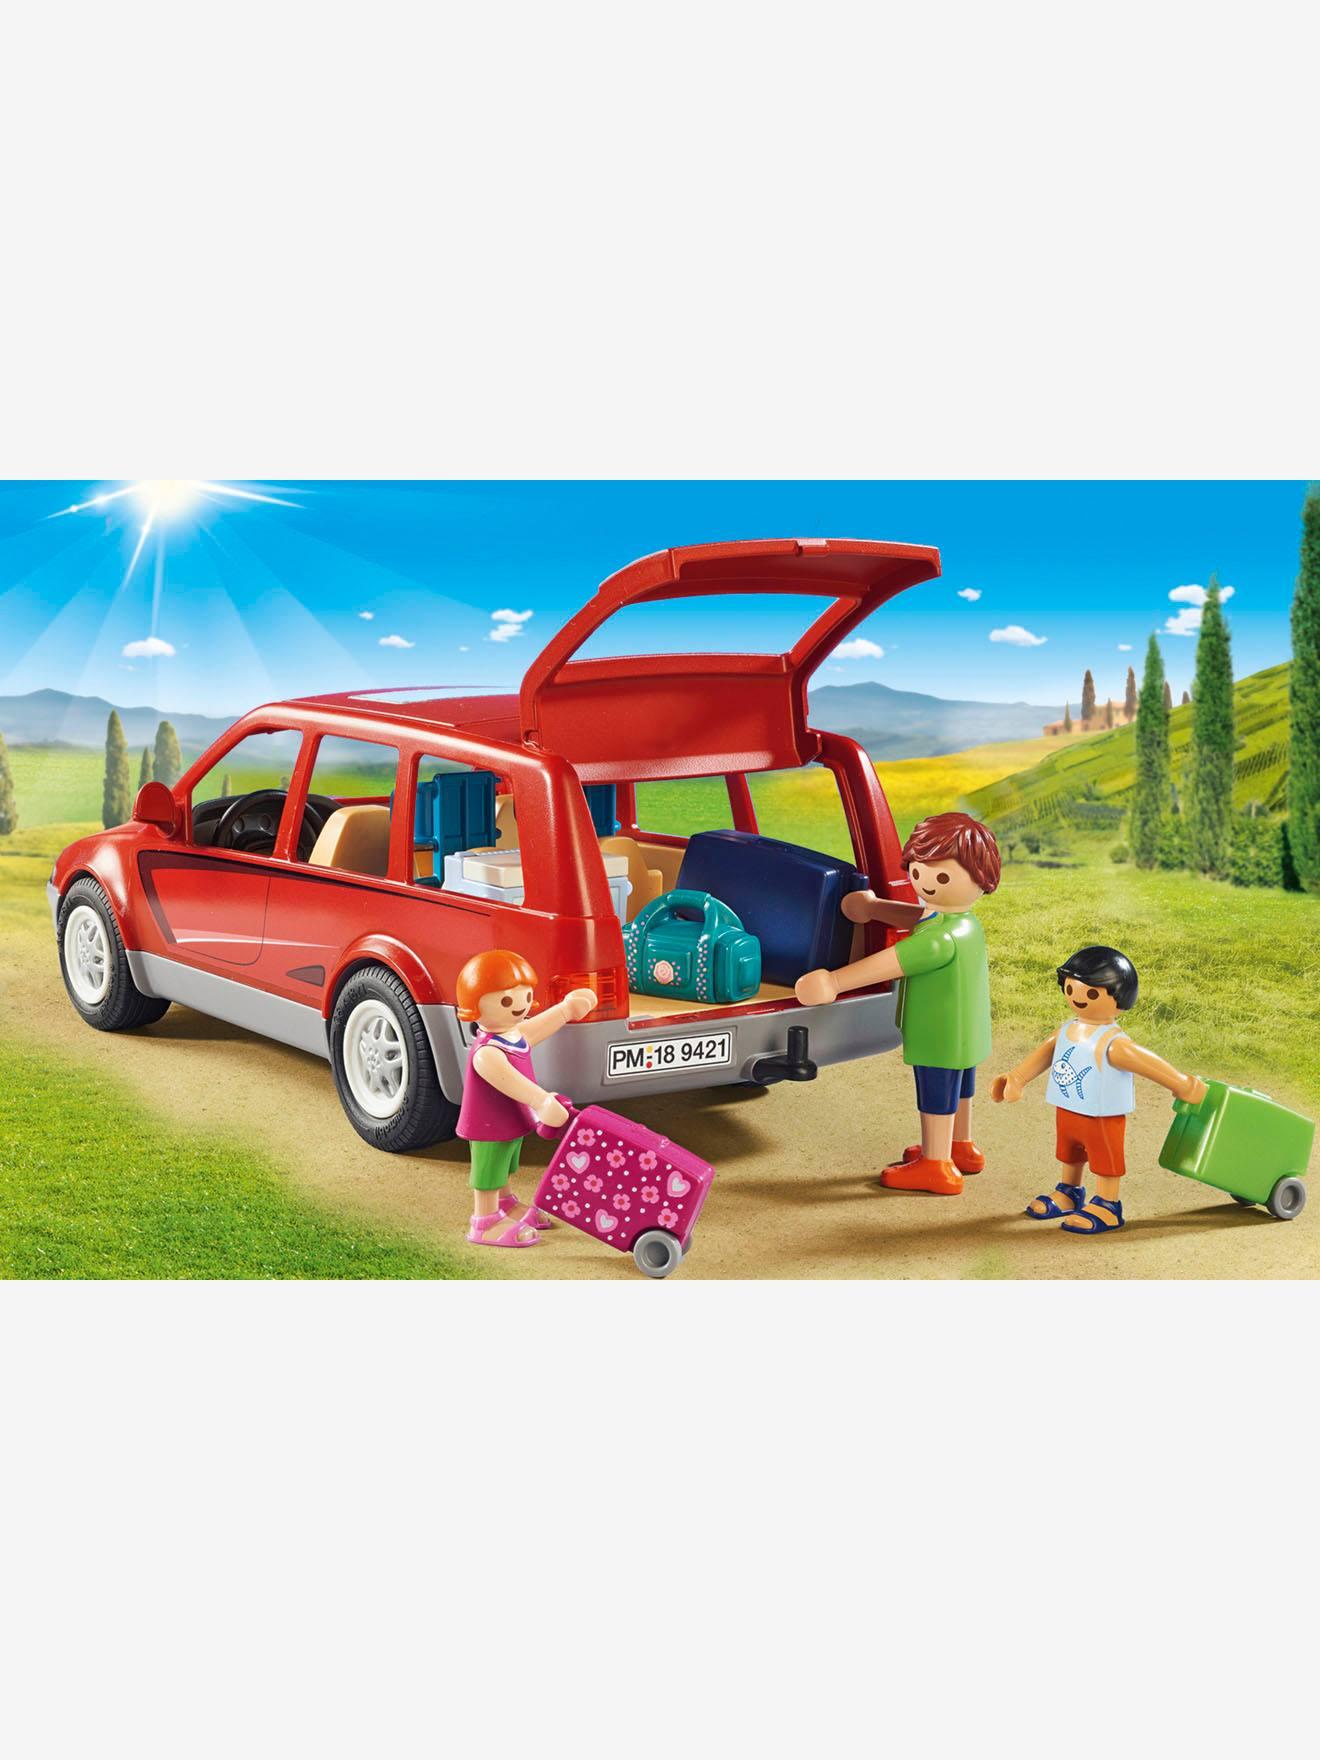 Playmobil Rouge 9421 Famille Voiture Avec Lc35A4jqR